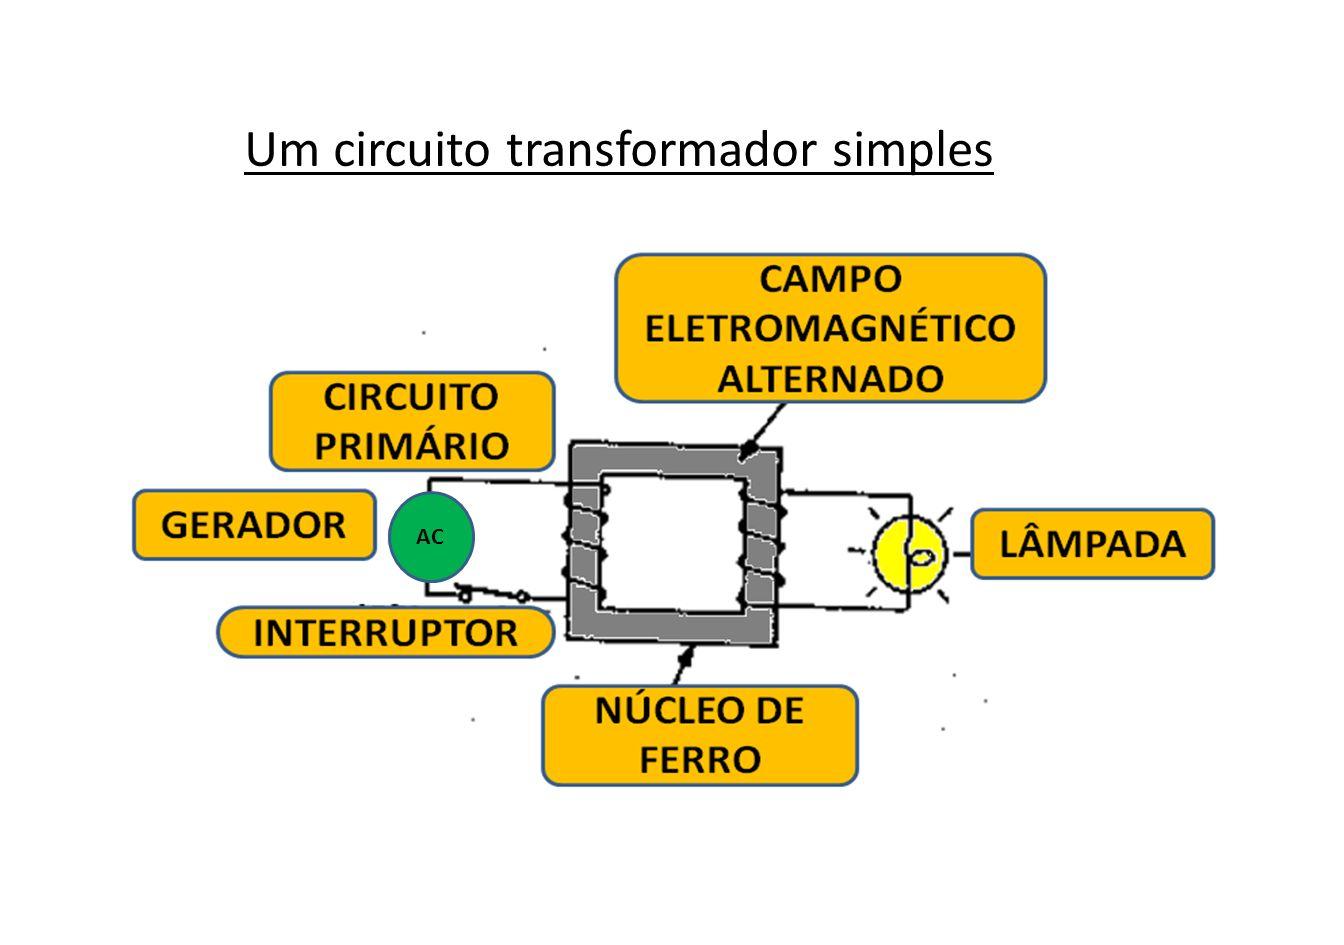 Não há qualquer ligação direta entre os circuitos primário e secundário.